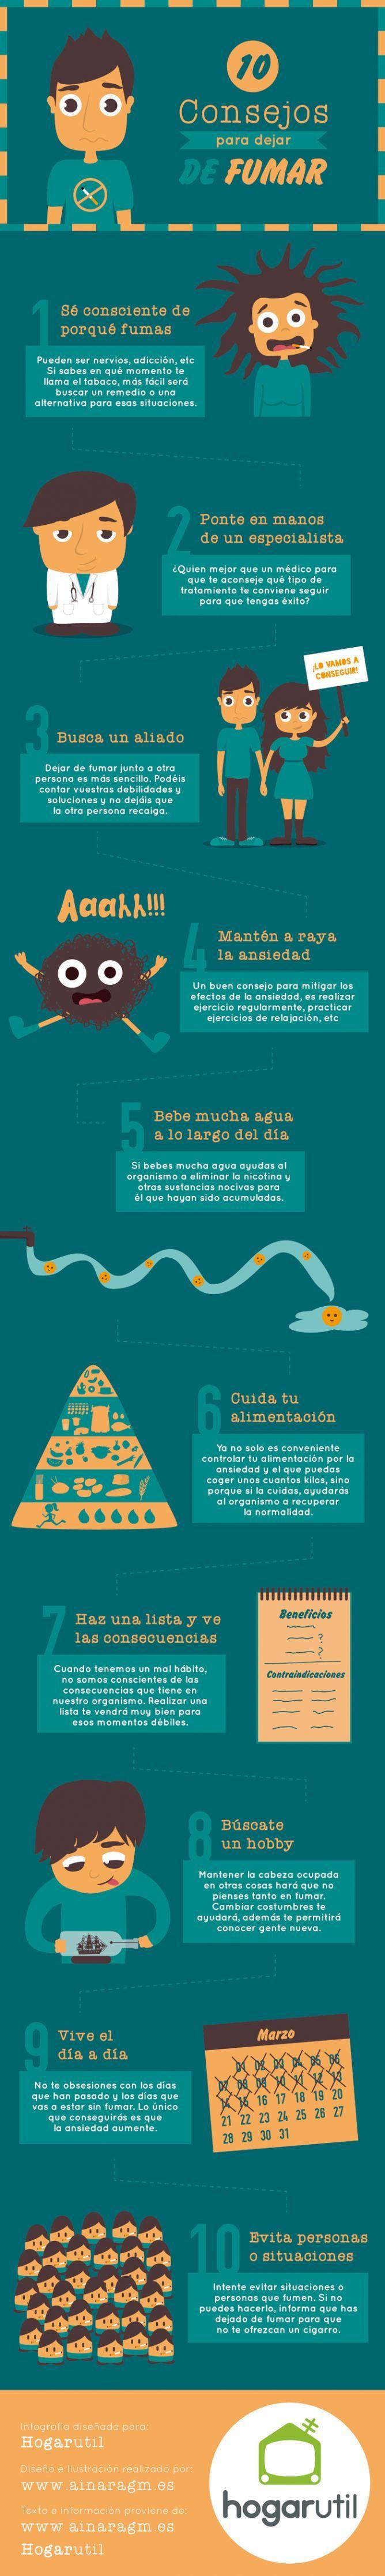 10 consejos para dejar de fumar. Infografía realizada para Hogarutil #infografia #ilustracion #diseno #consejos #fumar #salud